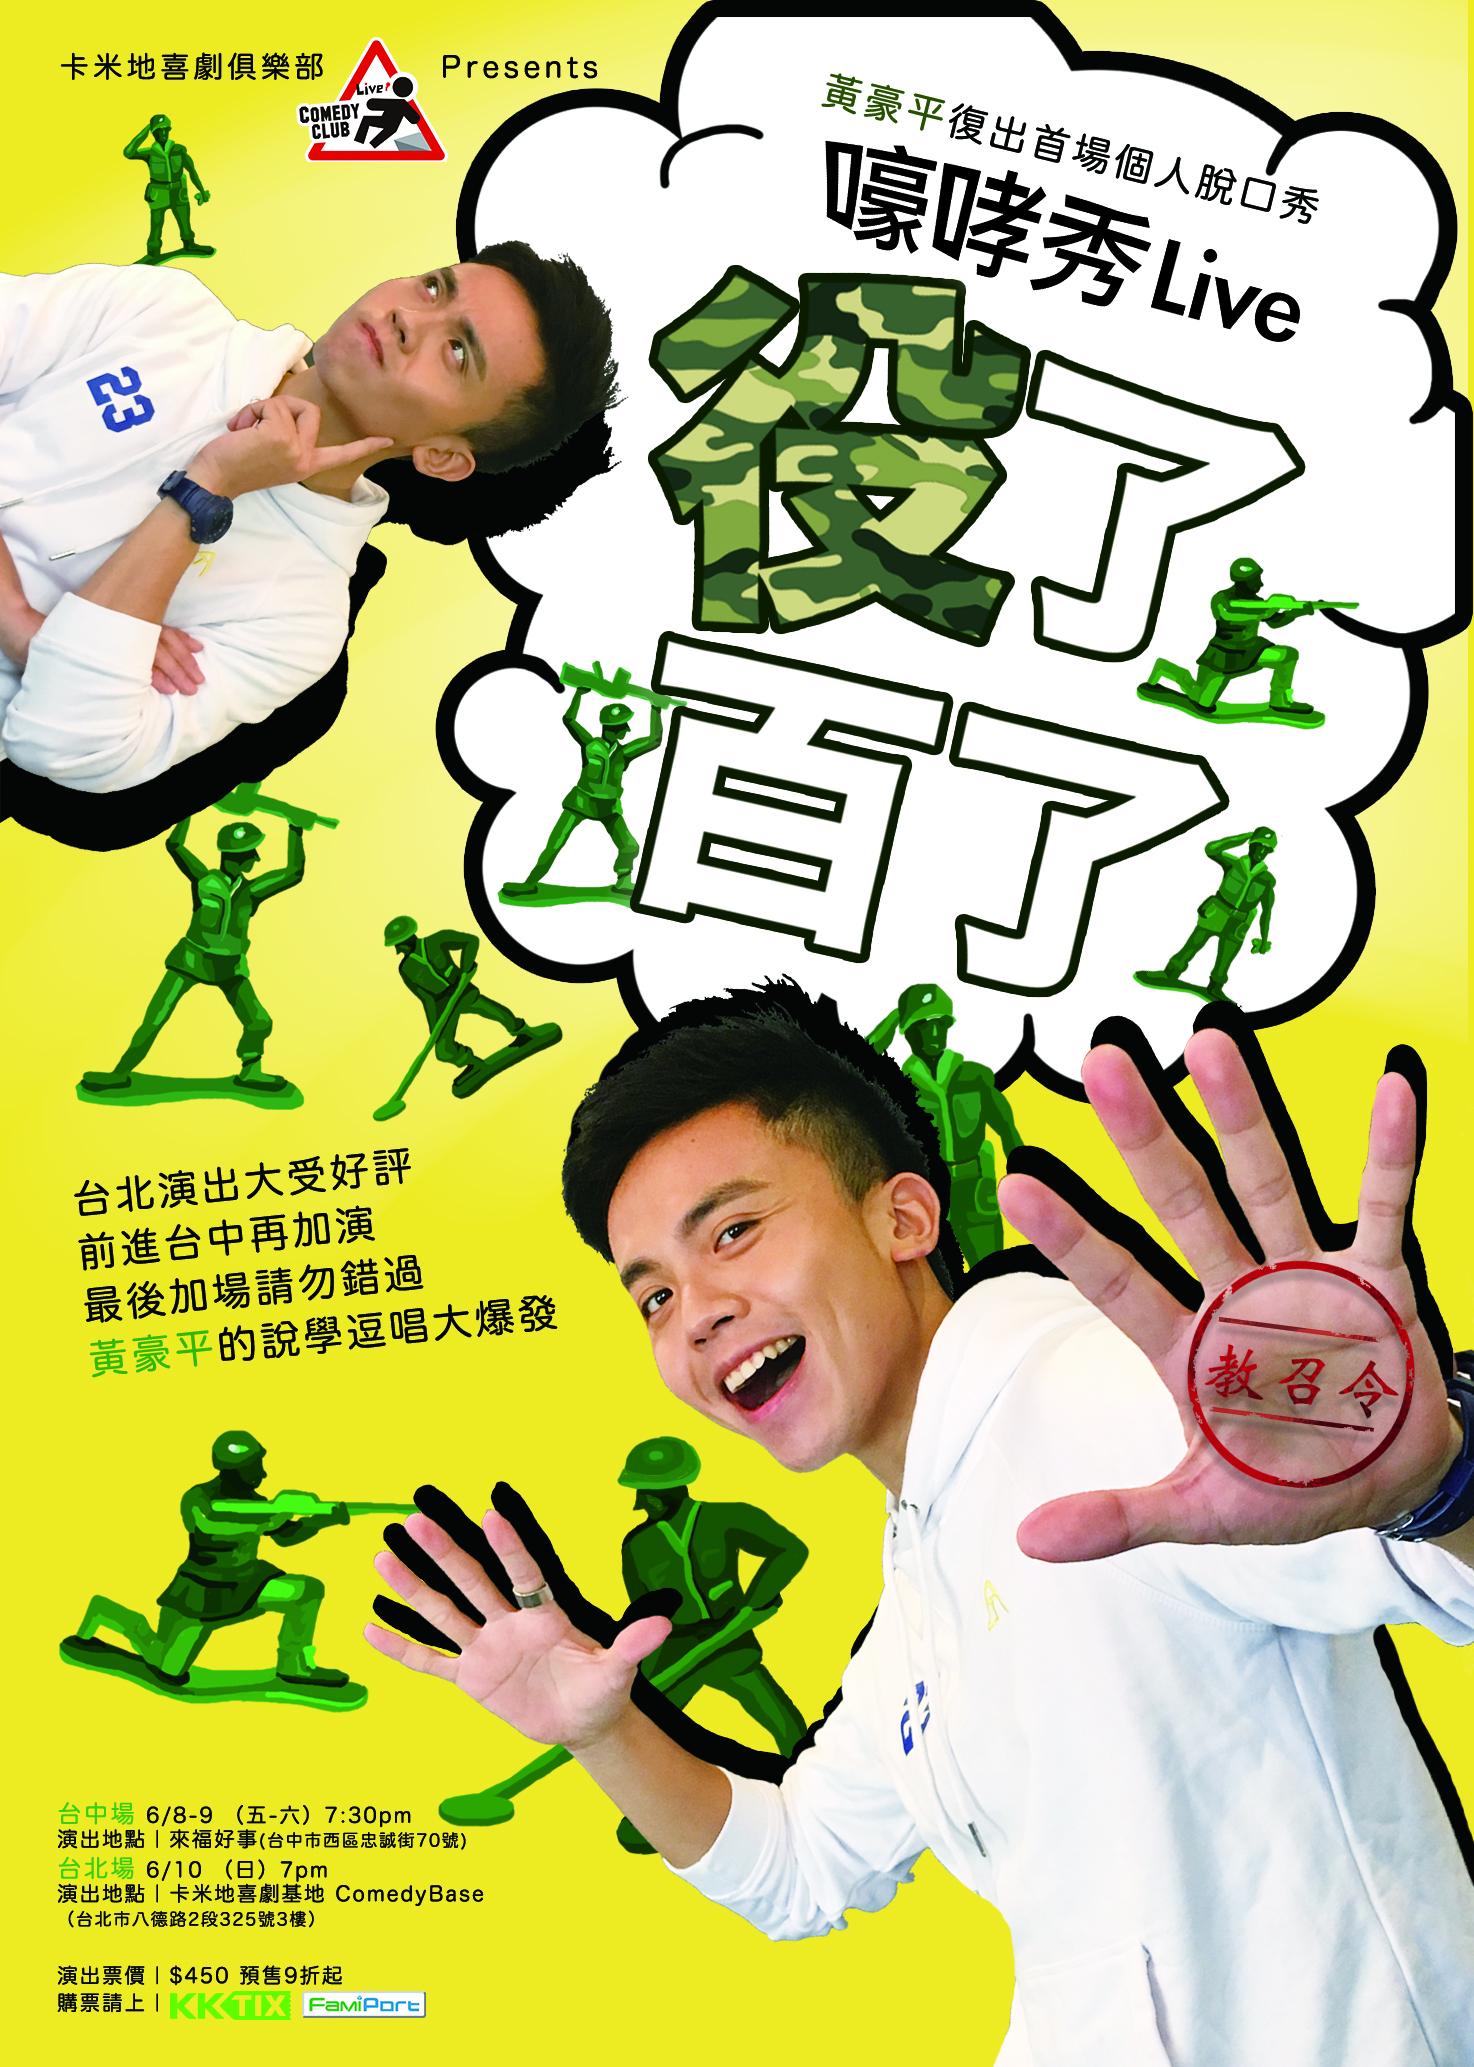 6/8-10 黃豪平個人嚎哮秀:役了百了(台北-台中.好評.再.加演)